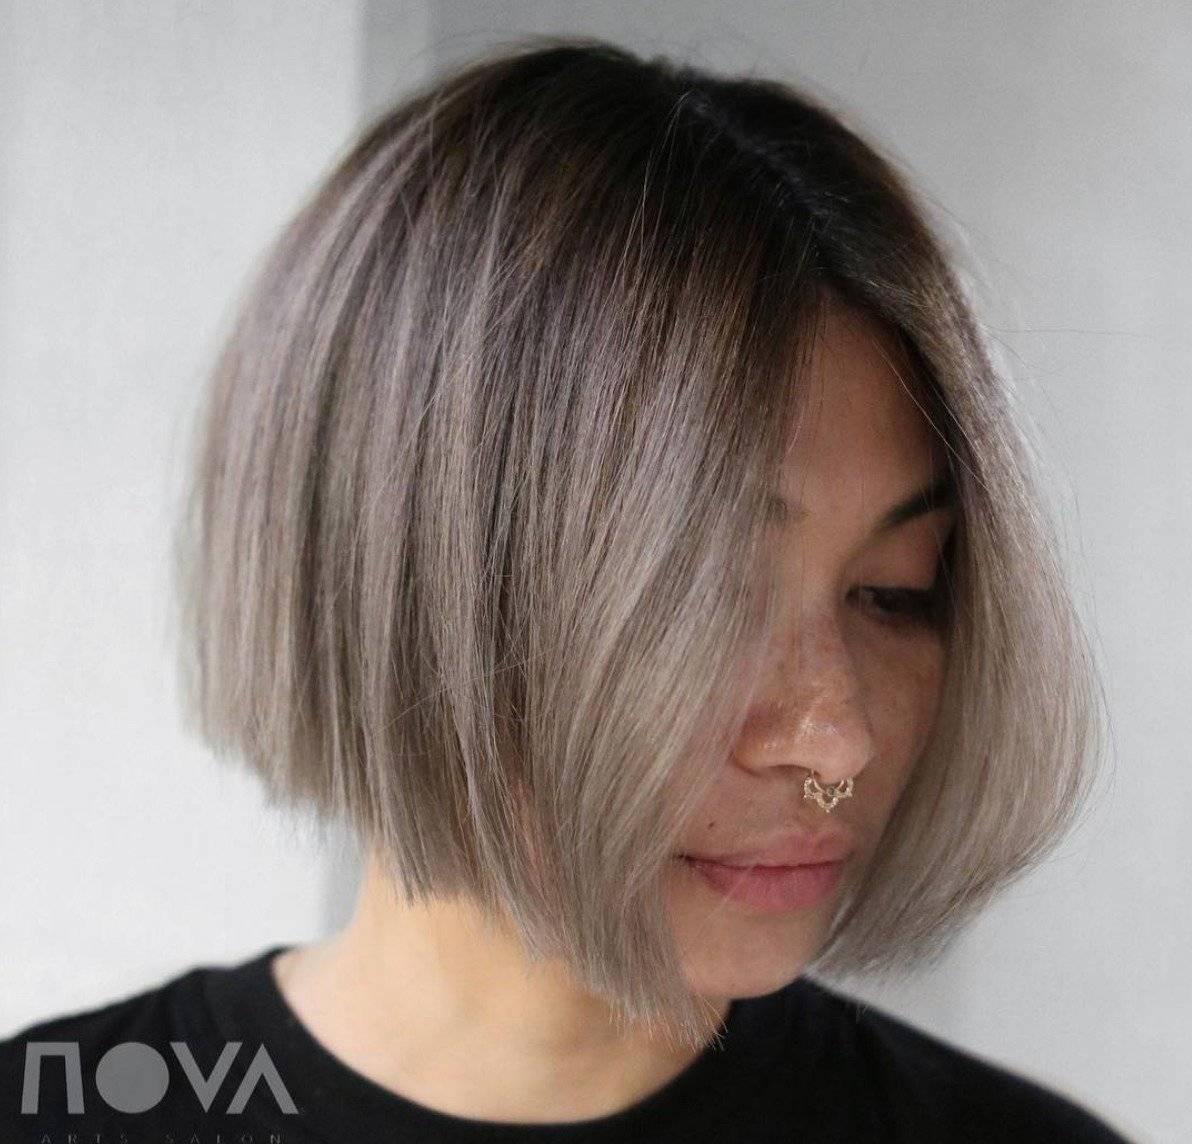 efectos de color en cabello corto